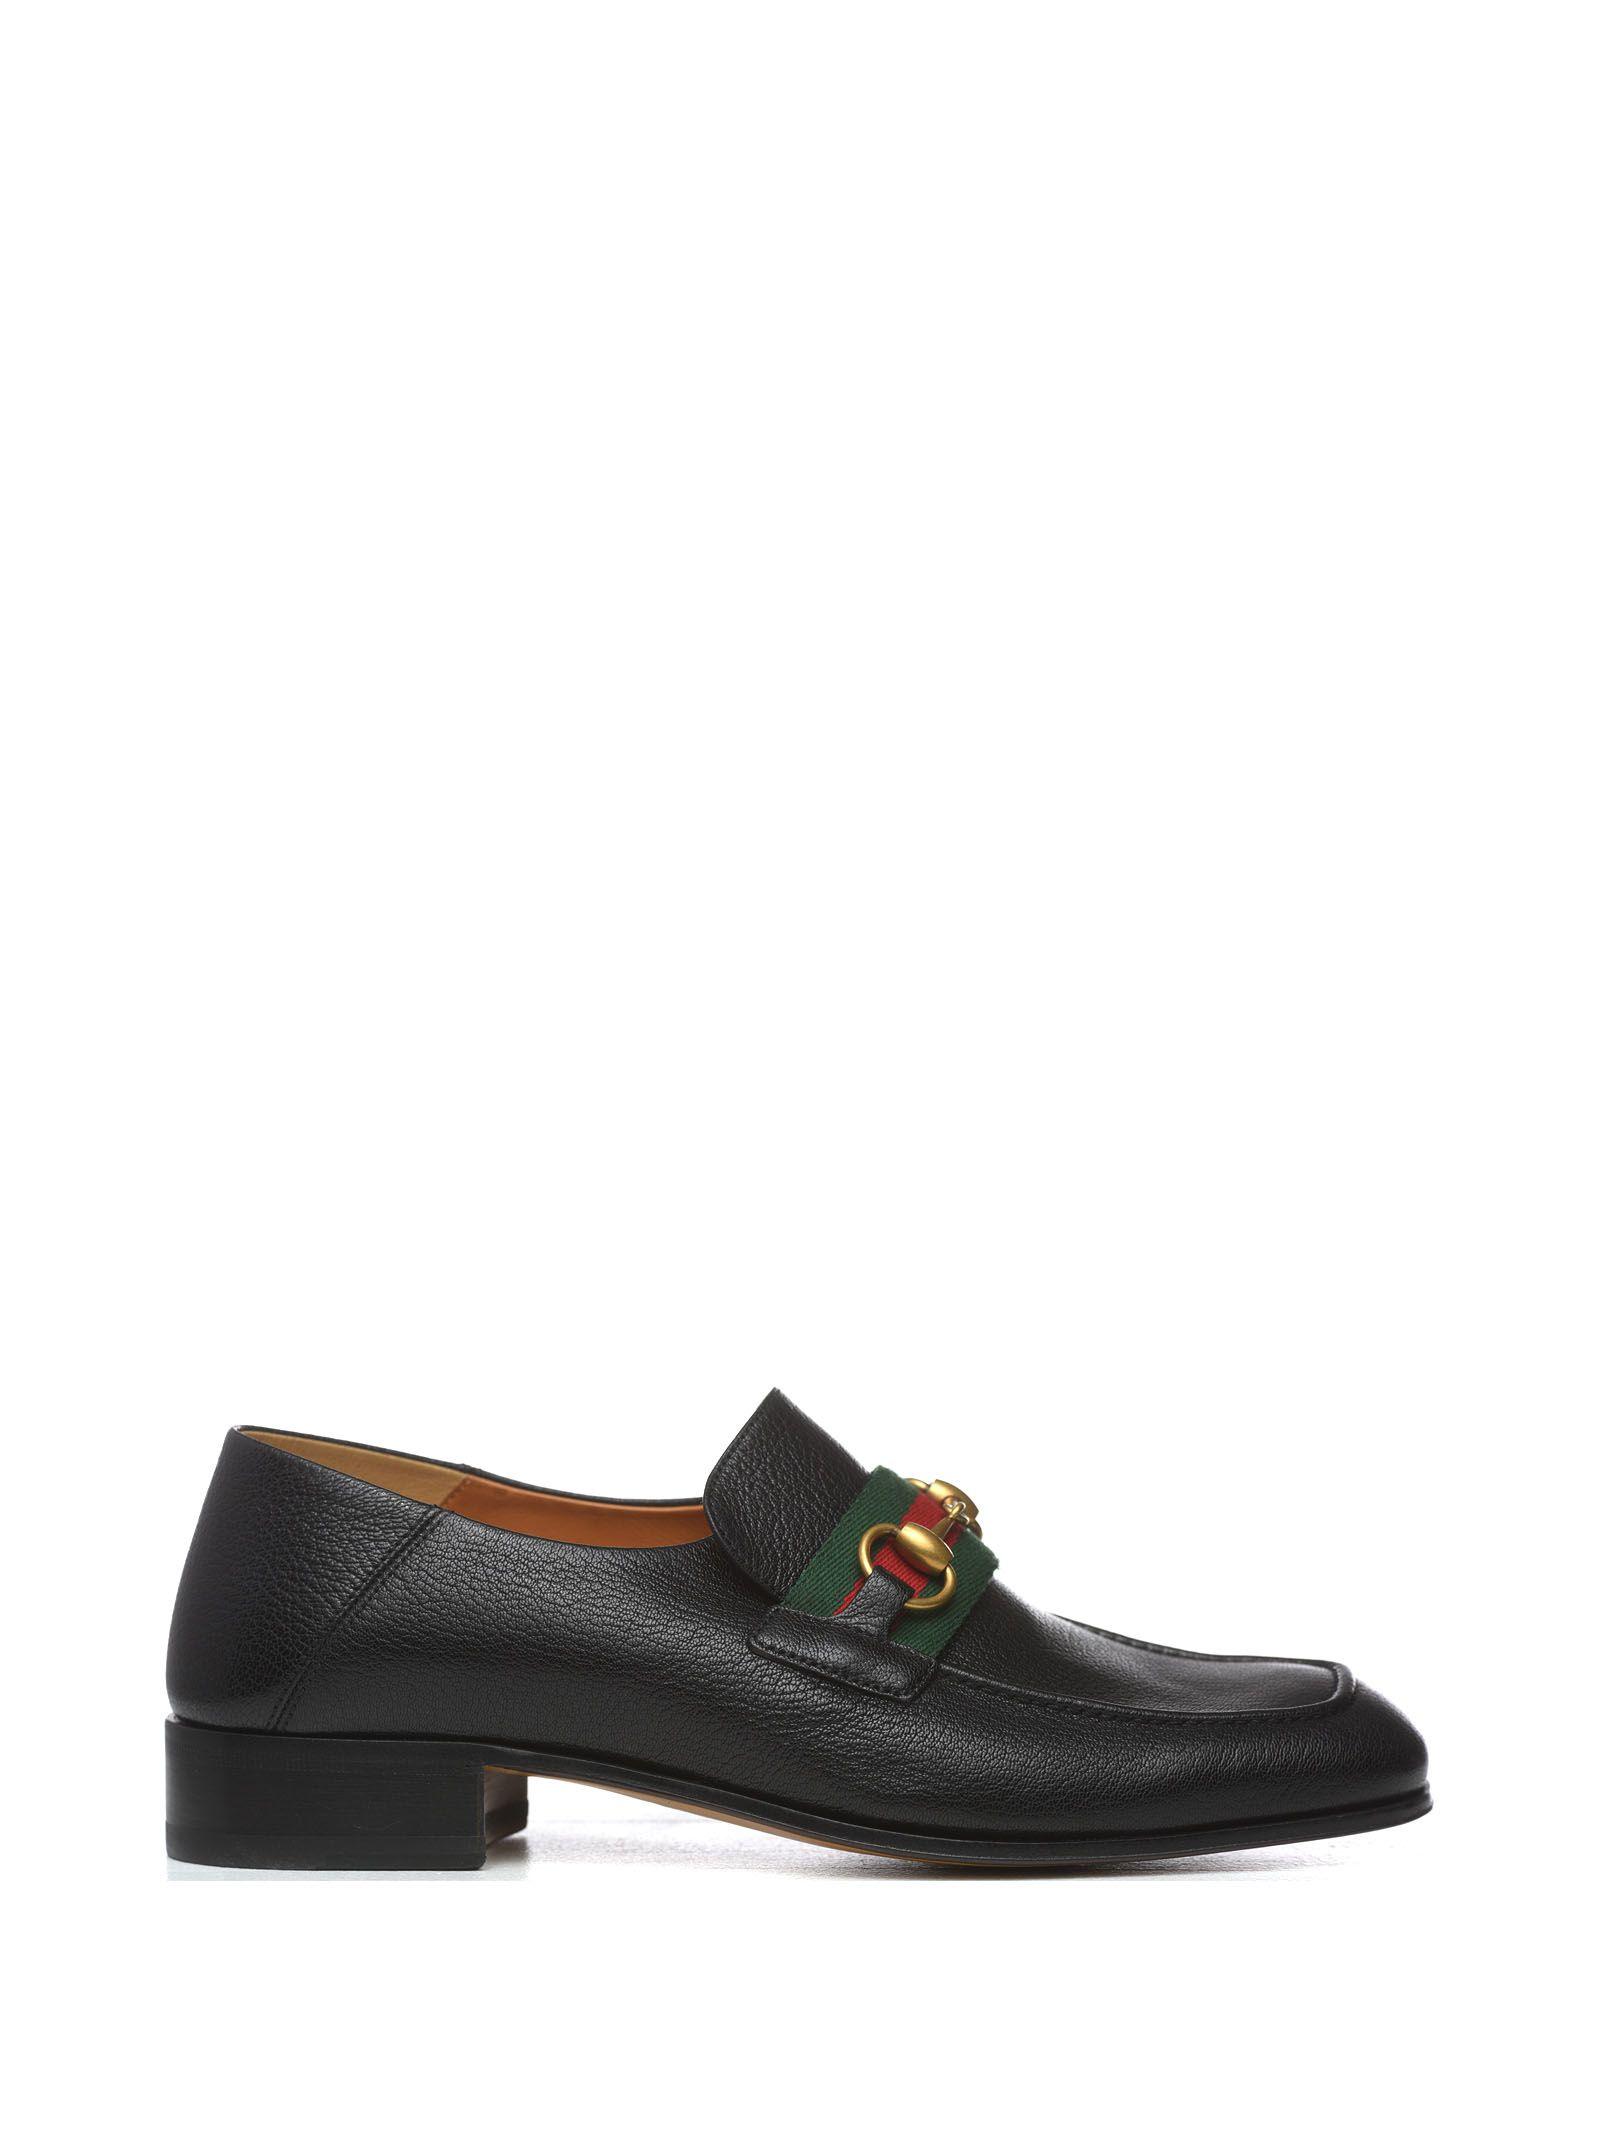 020d1653b Gucci Gucci Gucci Horsebit Loafer - BLACK VRV - 10859323